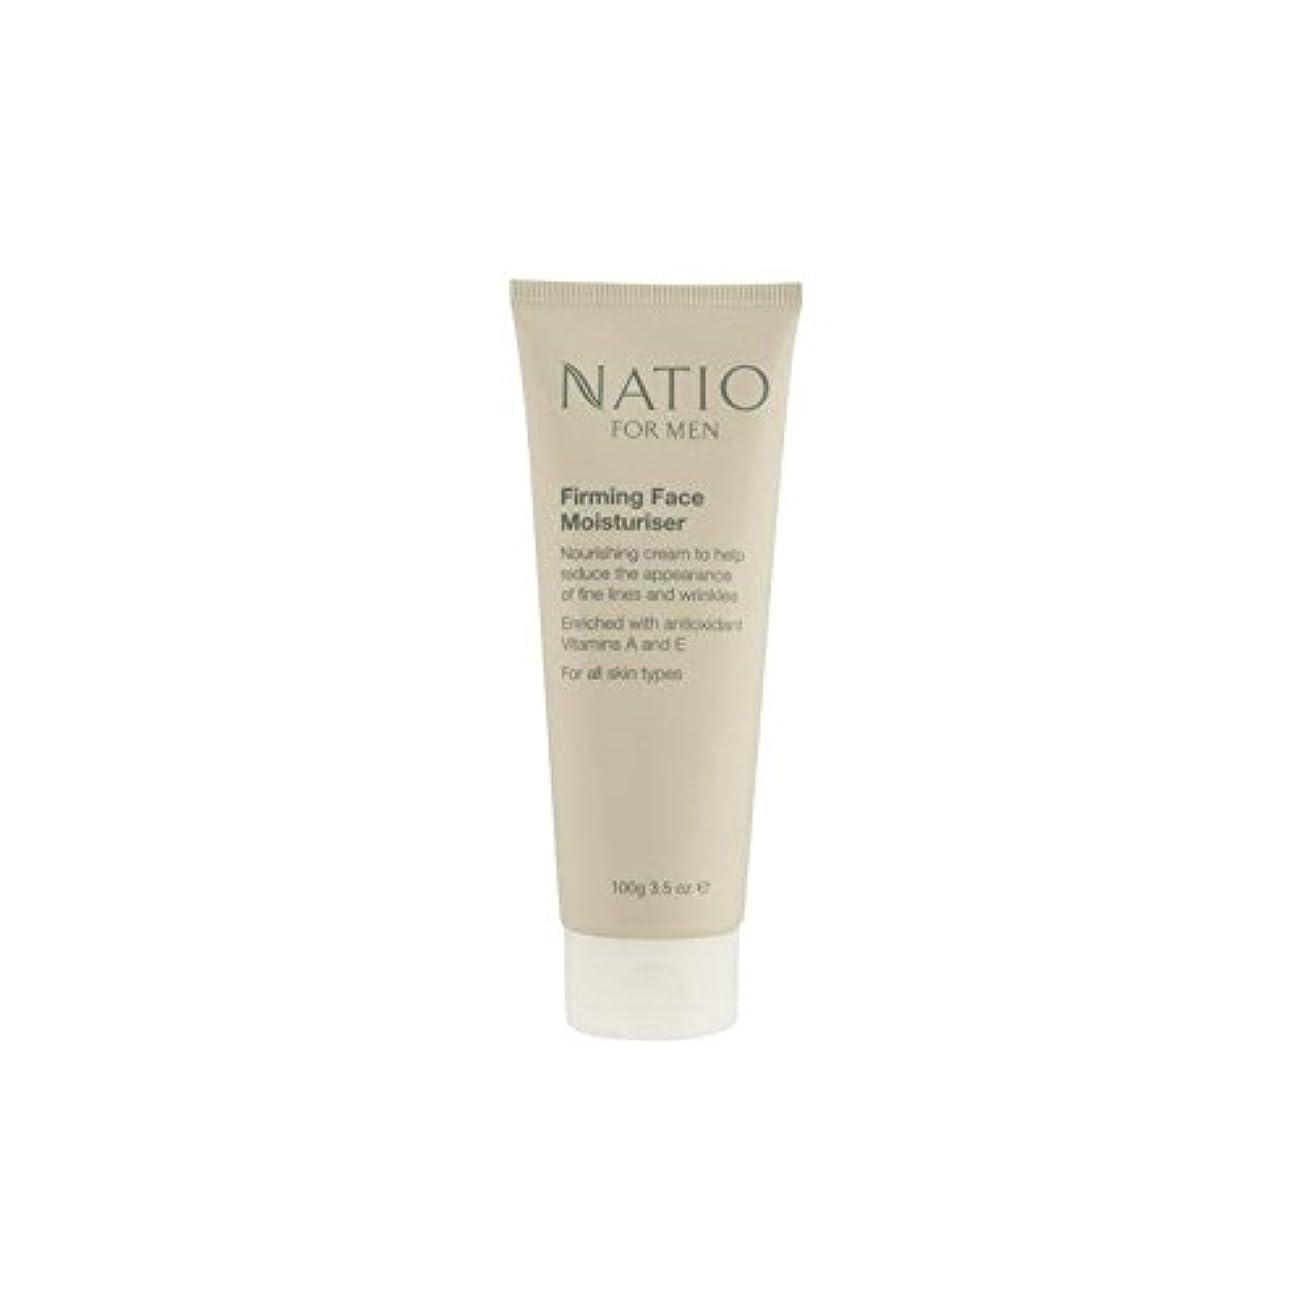 遅い全体に案件Natio For Men Firming Face Moisturiser (100G) - 顔の保湿剤を引き締め男性のための(100グラム) [並行輸入品]